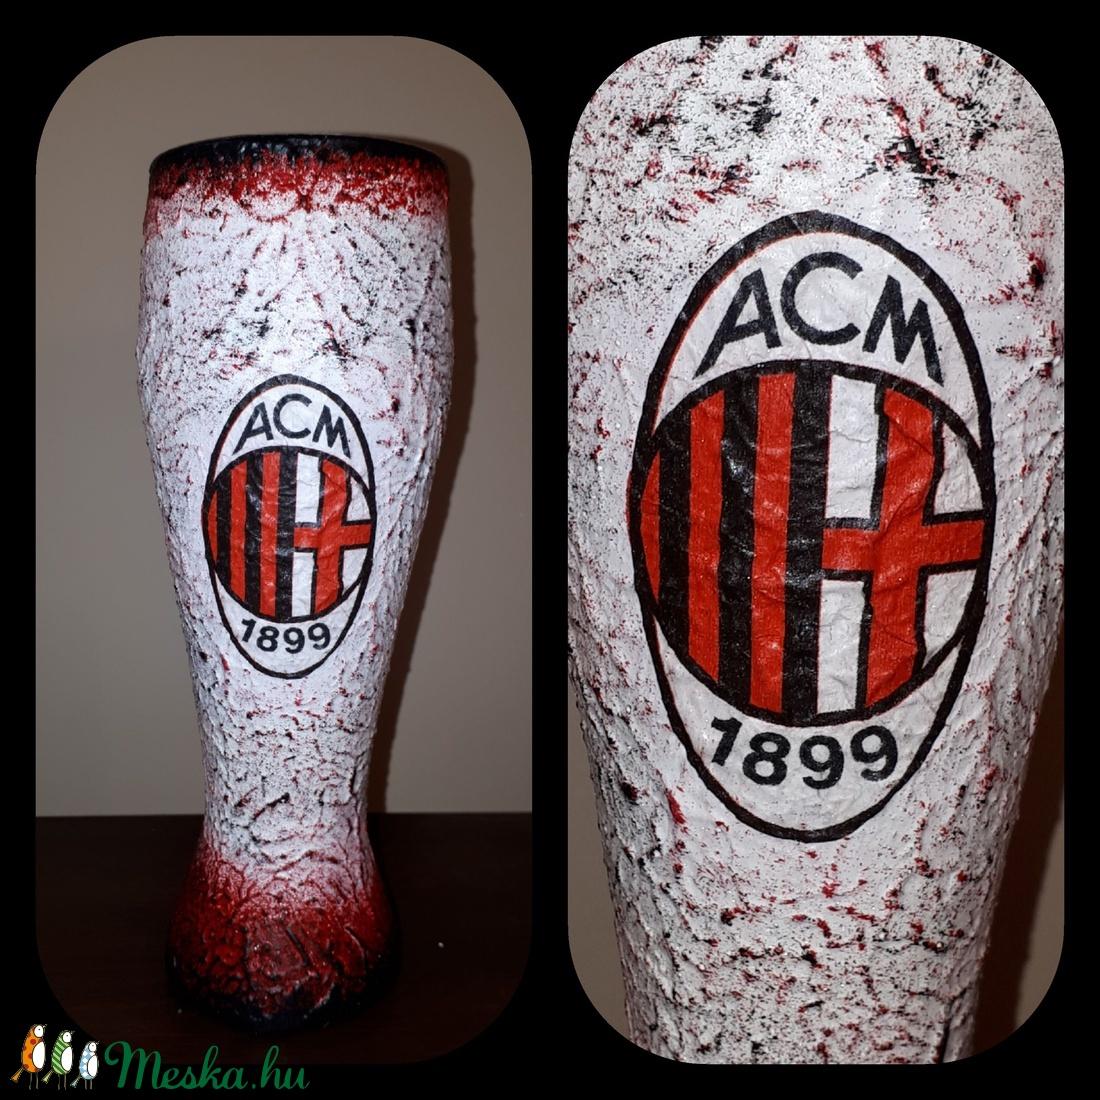 Ac Milan foci rajongói sörös pohár 500 ml  (Biborvarazs) - Meska.hu